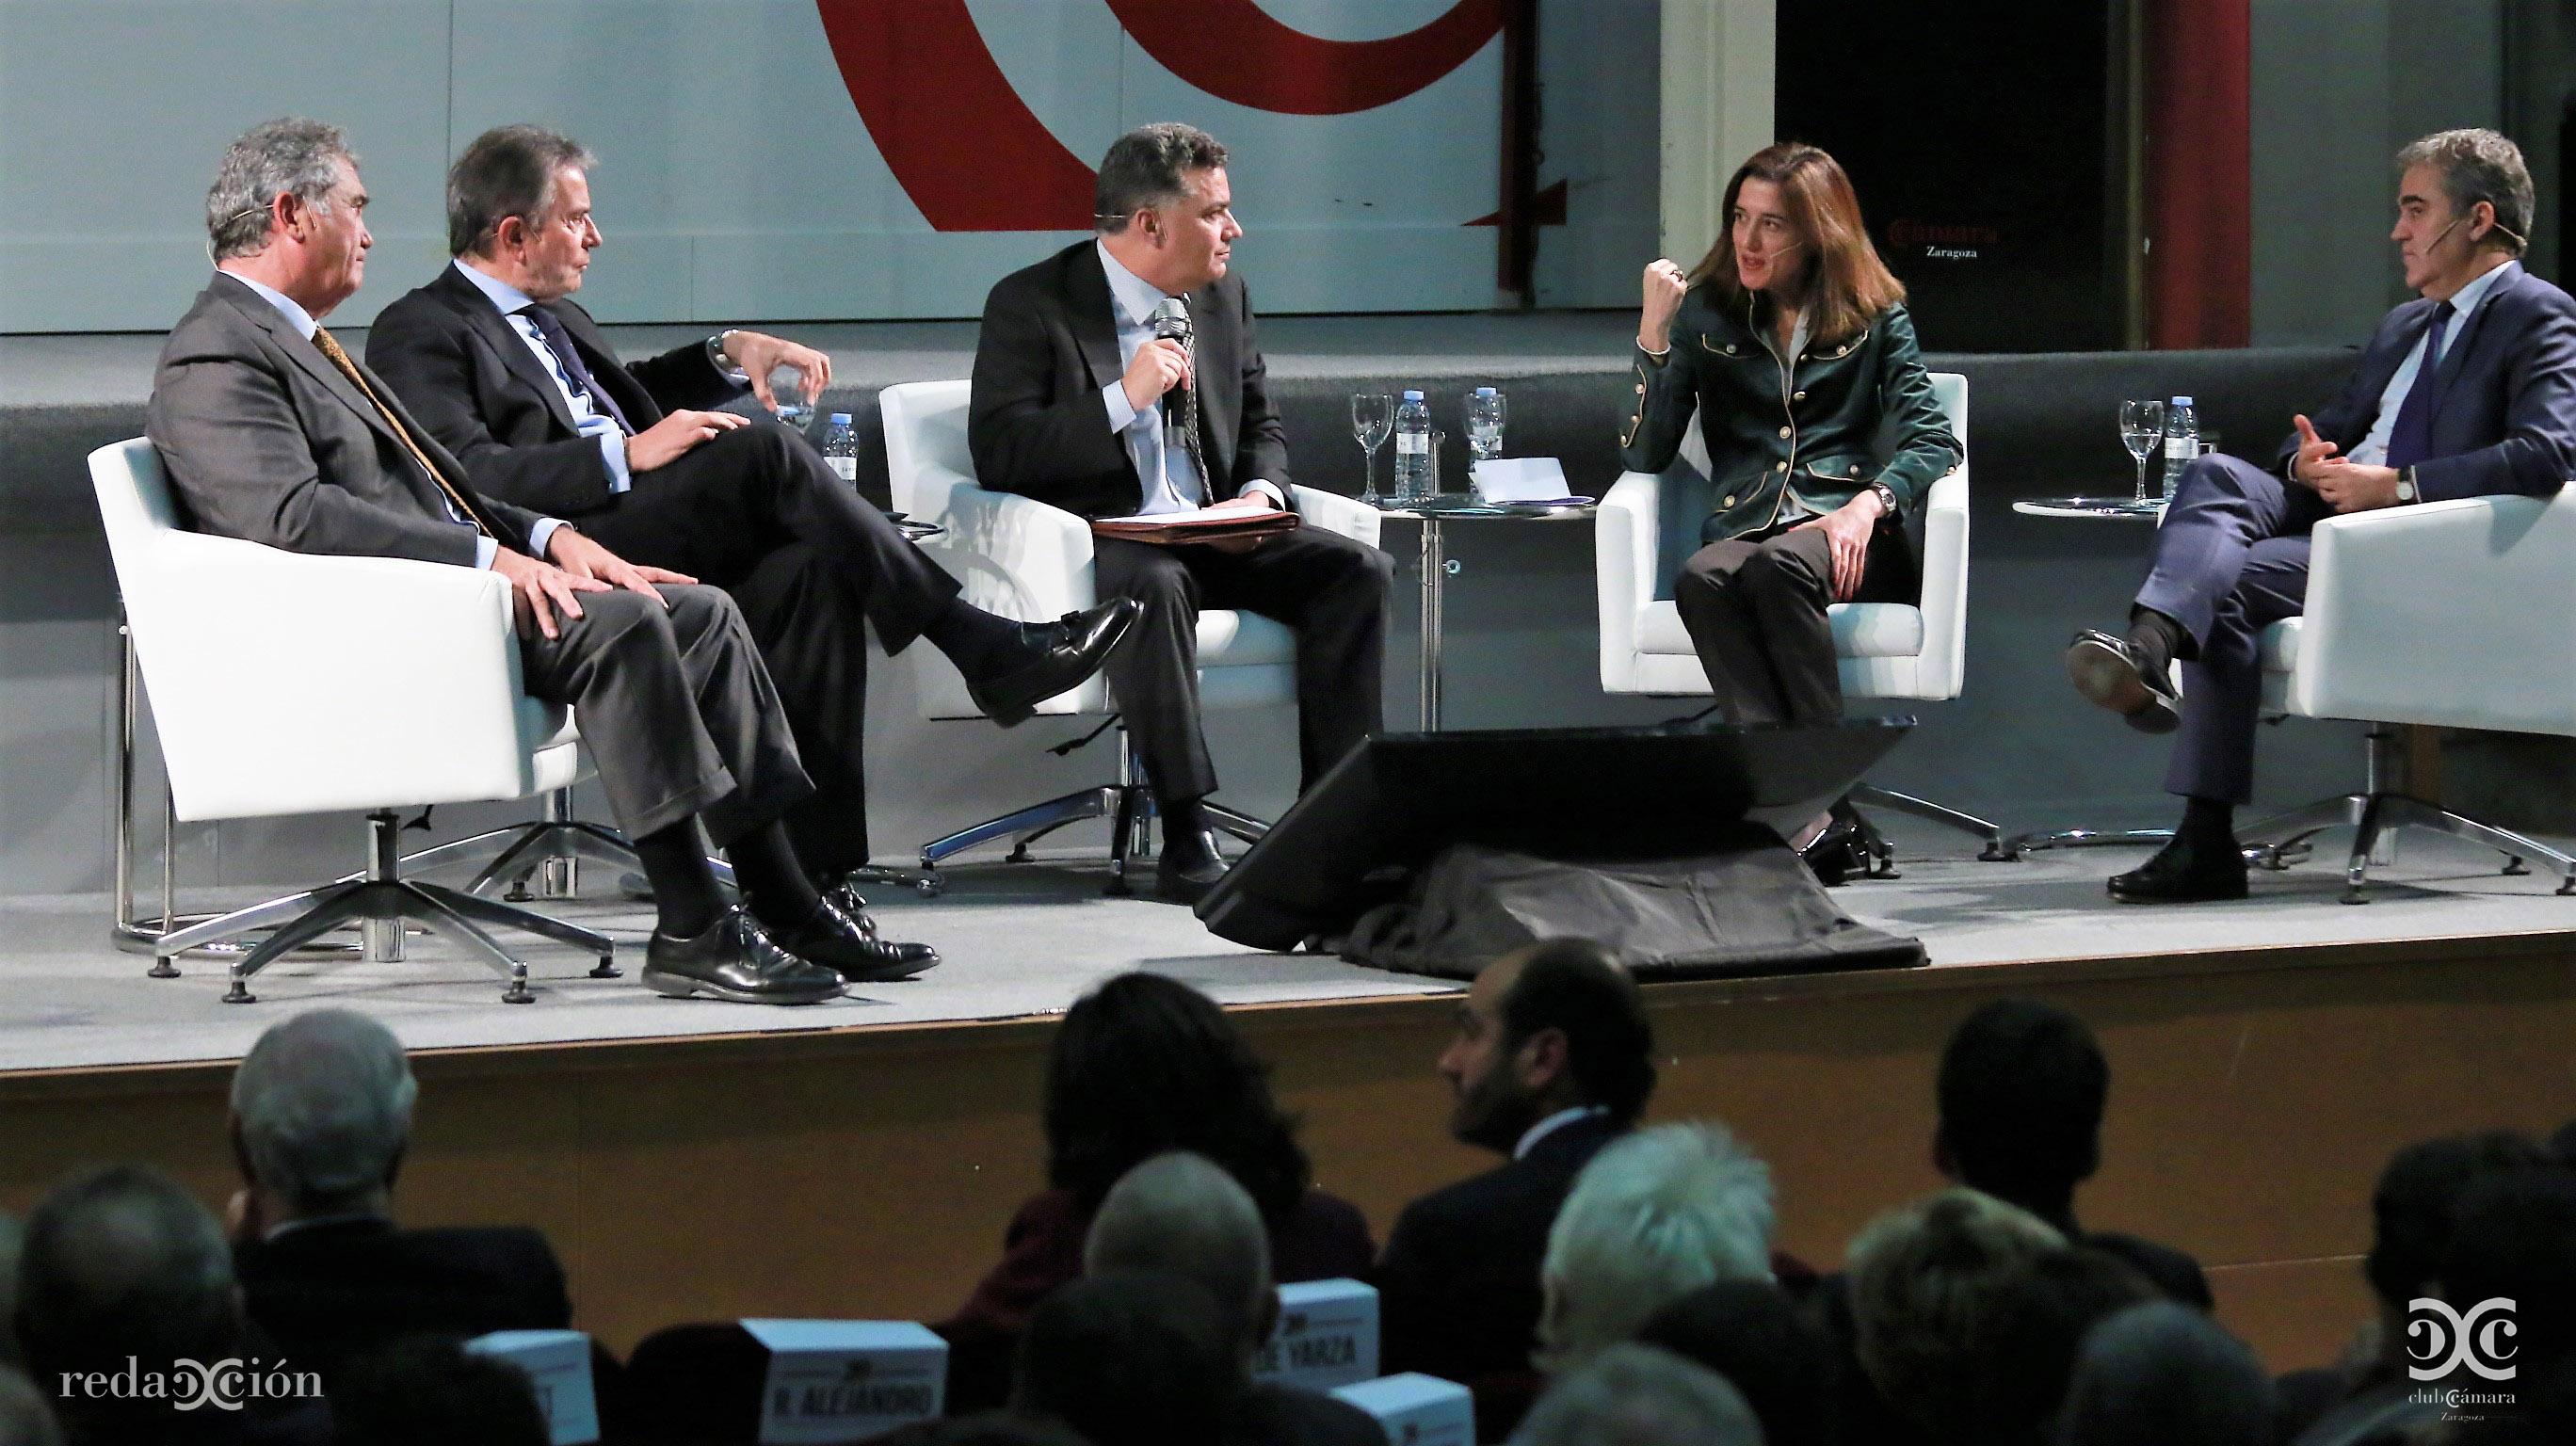 Alfonso Soláns, Antonio Catalán, Luis H. Menéndez, Inés Juste, Ramón Alejandro